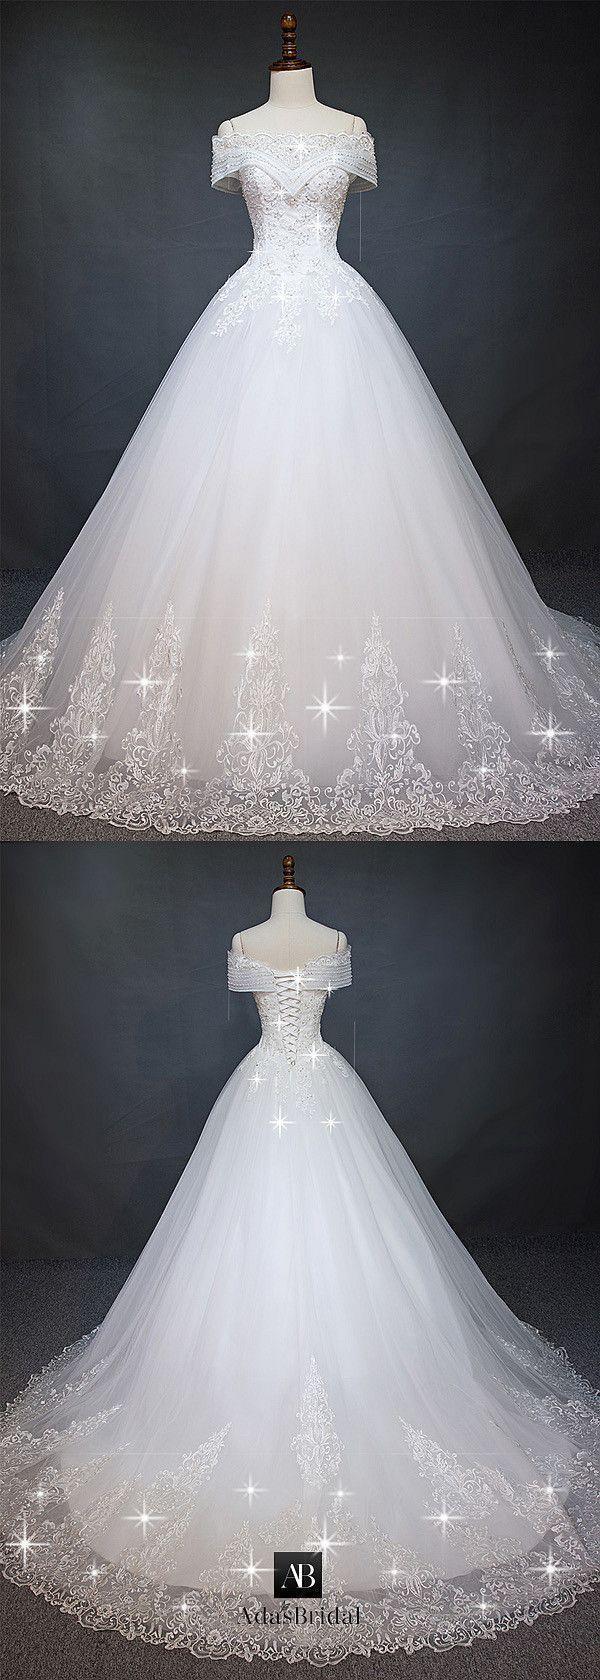 Wunderschönes Tüll Off-the-Shoulder-Ausschnitt Ballkleid Brautkleid mit Perlen…